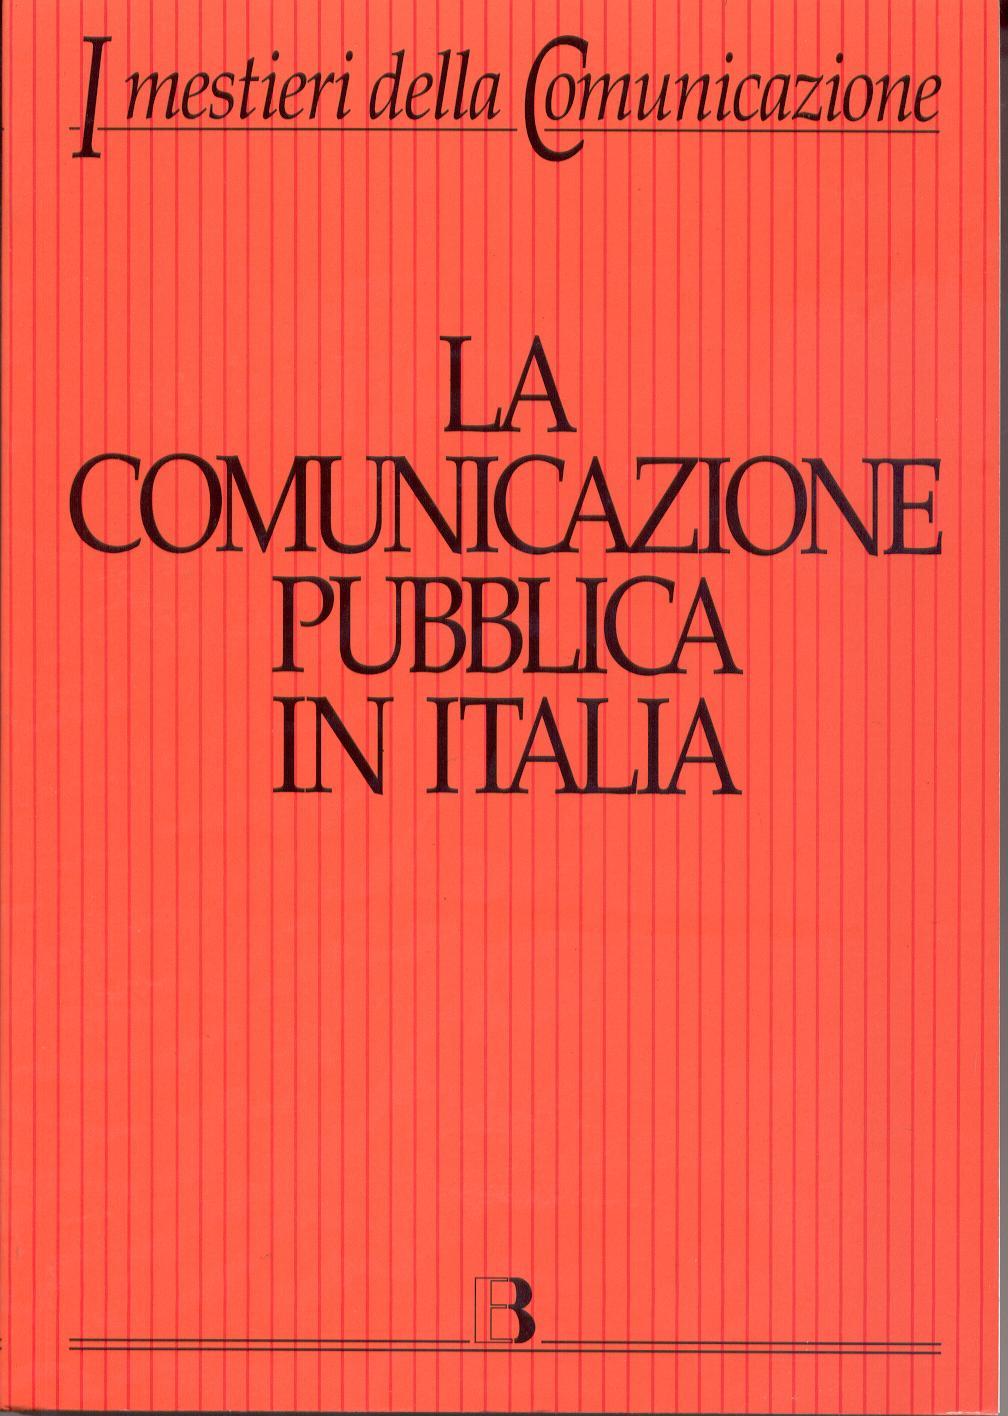 La comunicazione pubblica in Italia